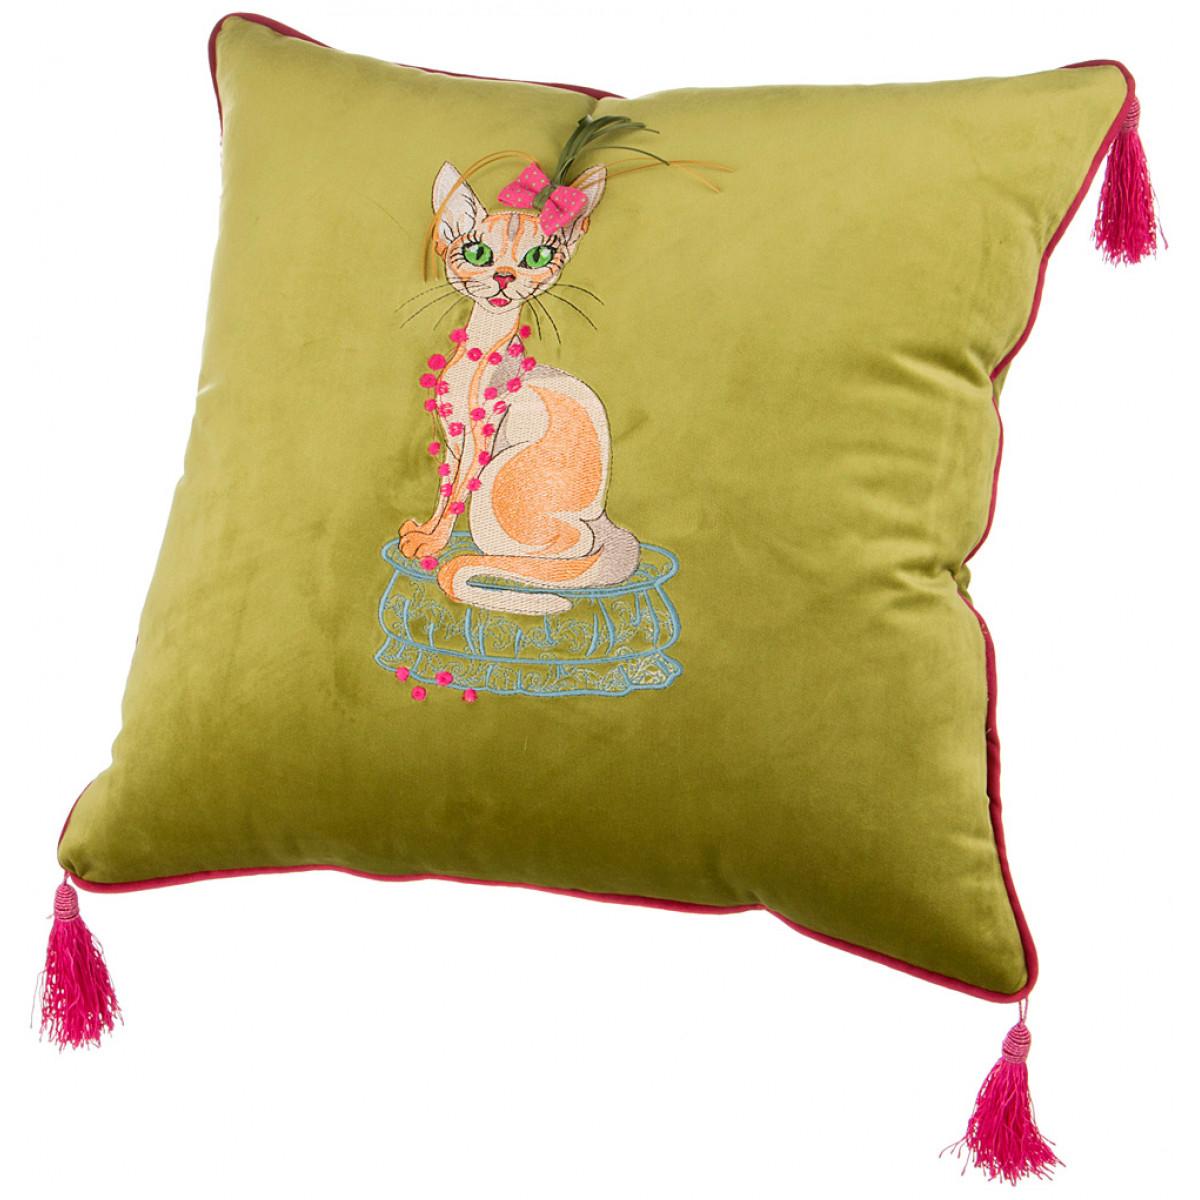 Декоративные подушки Santalino Декоративная подушка Bonnie  (45х45) подушка арти м декоративная 45х45 см цветы 703 694 37